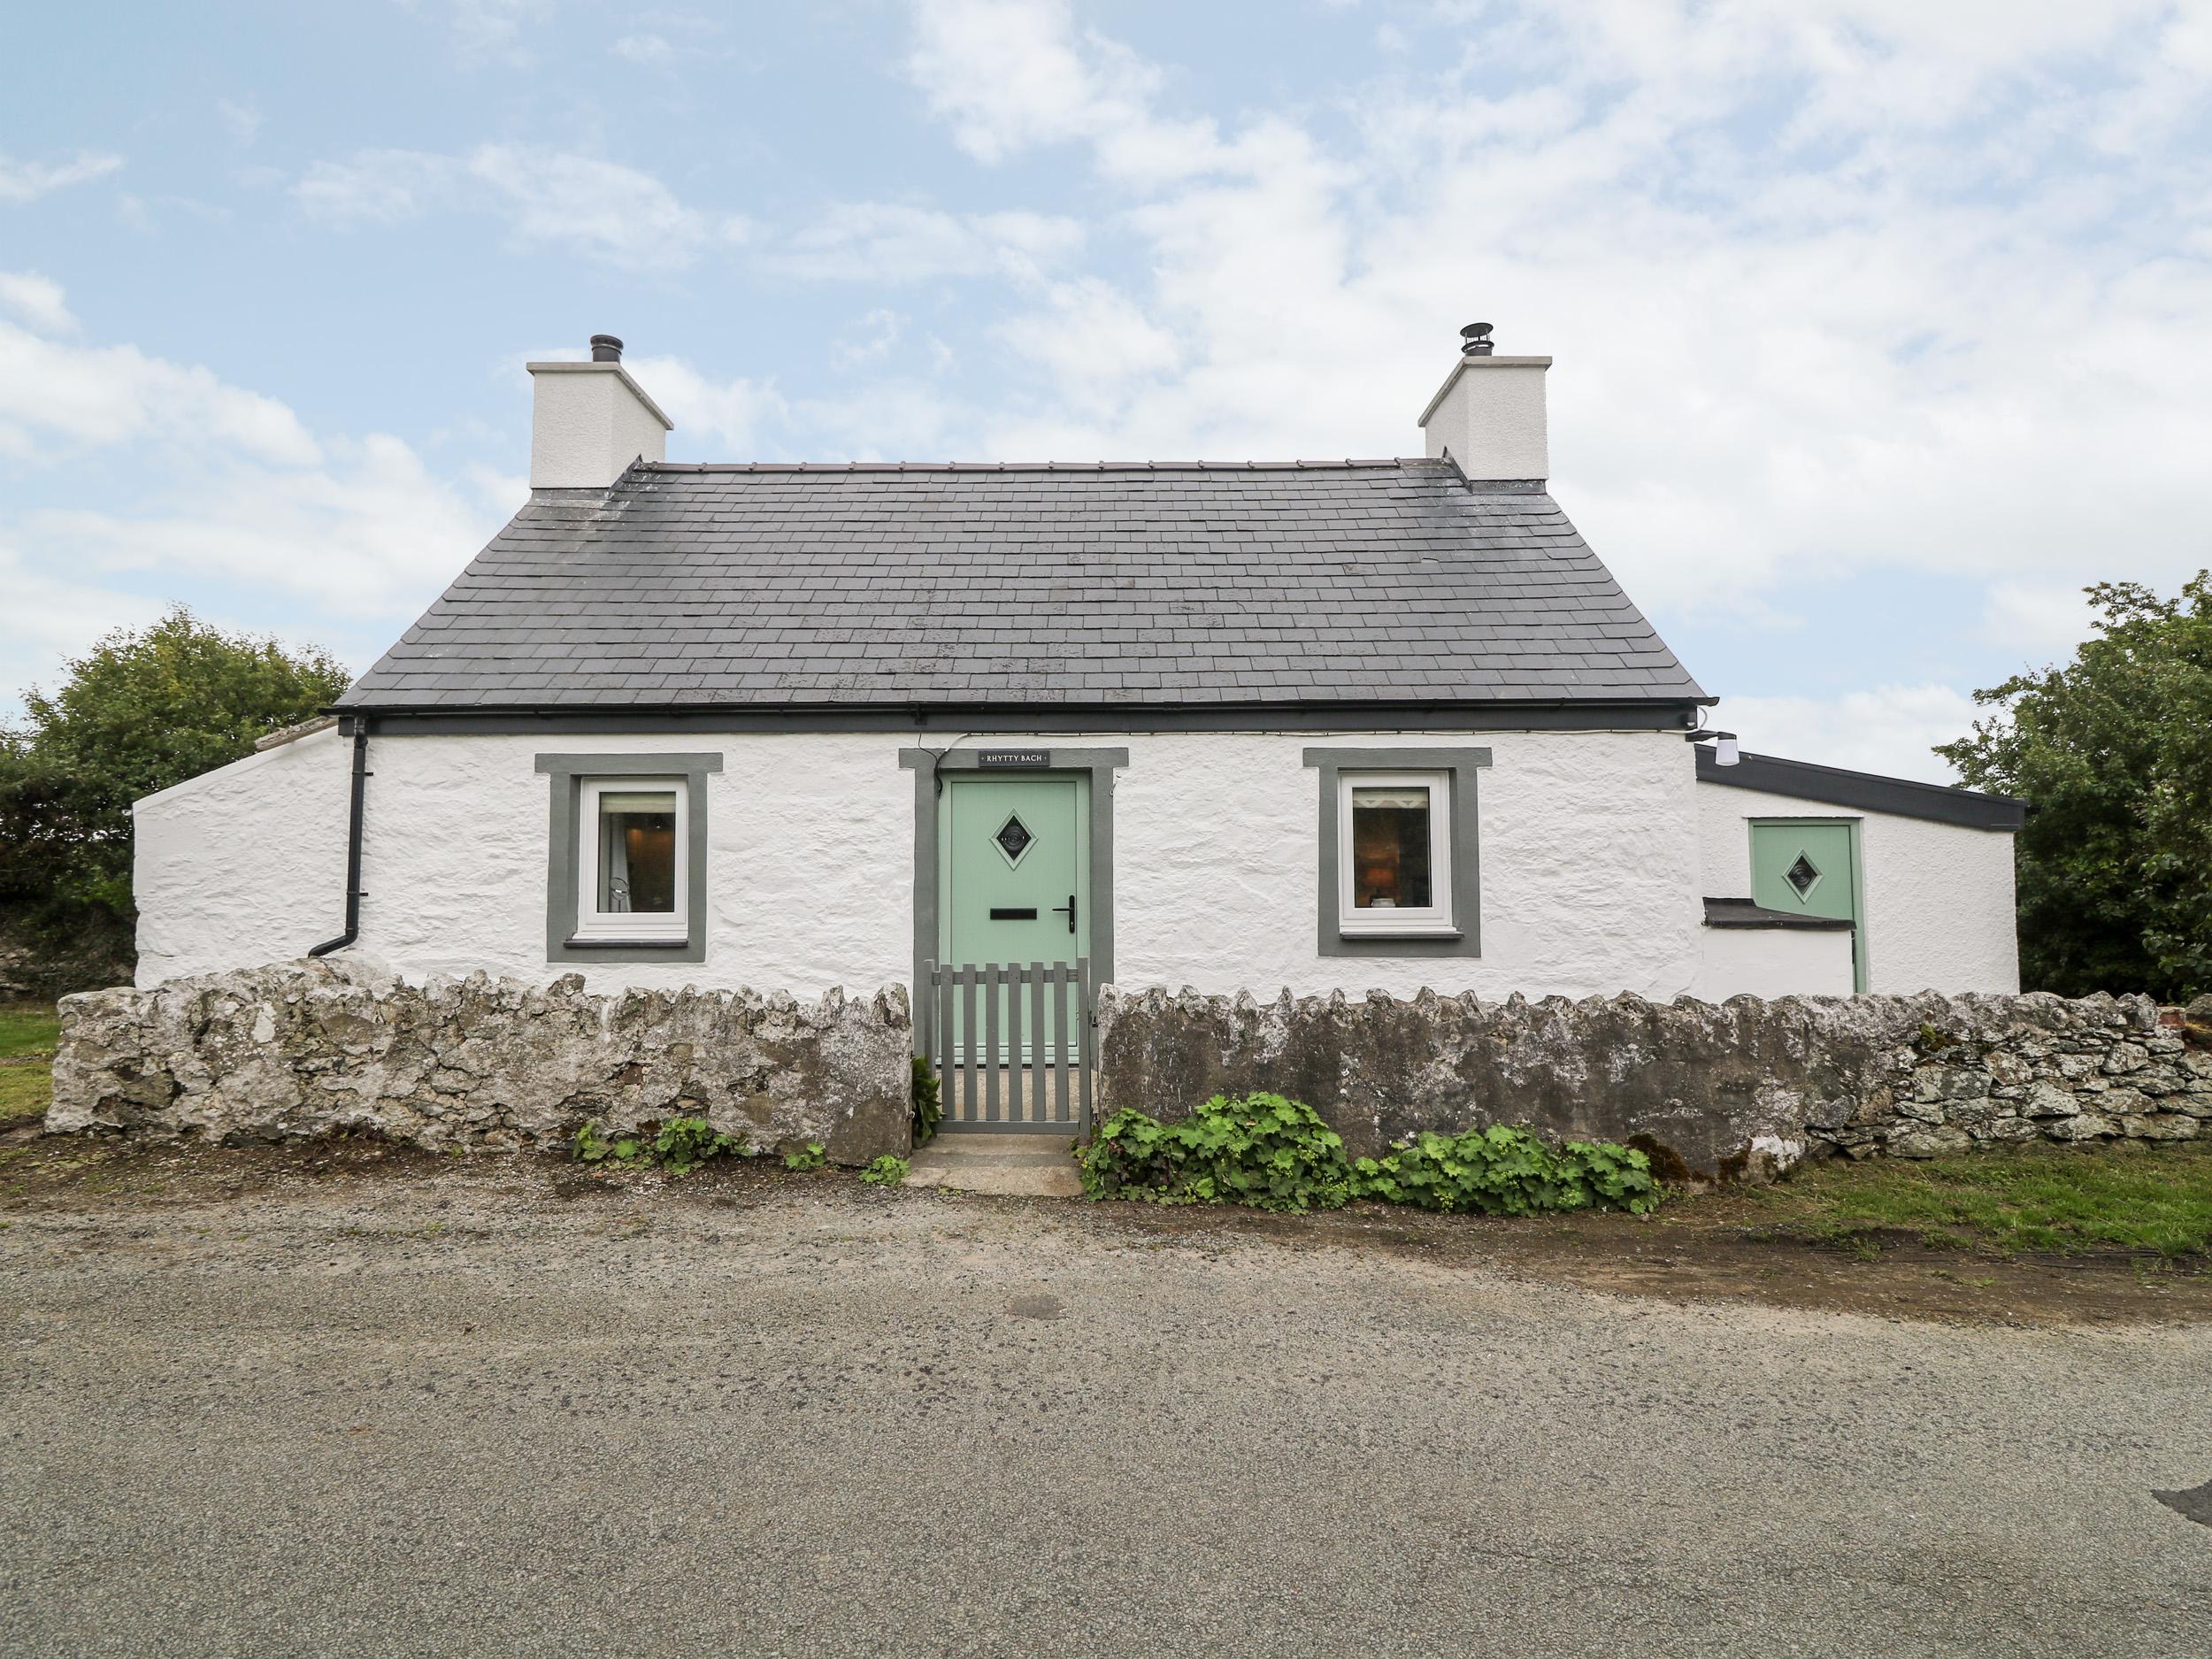 Rhytty Bach, Anglesey